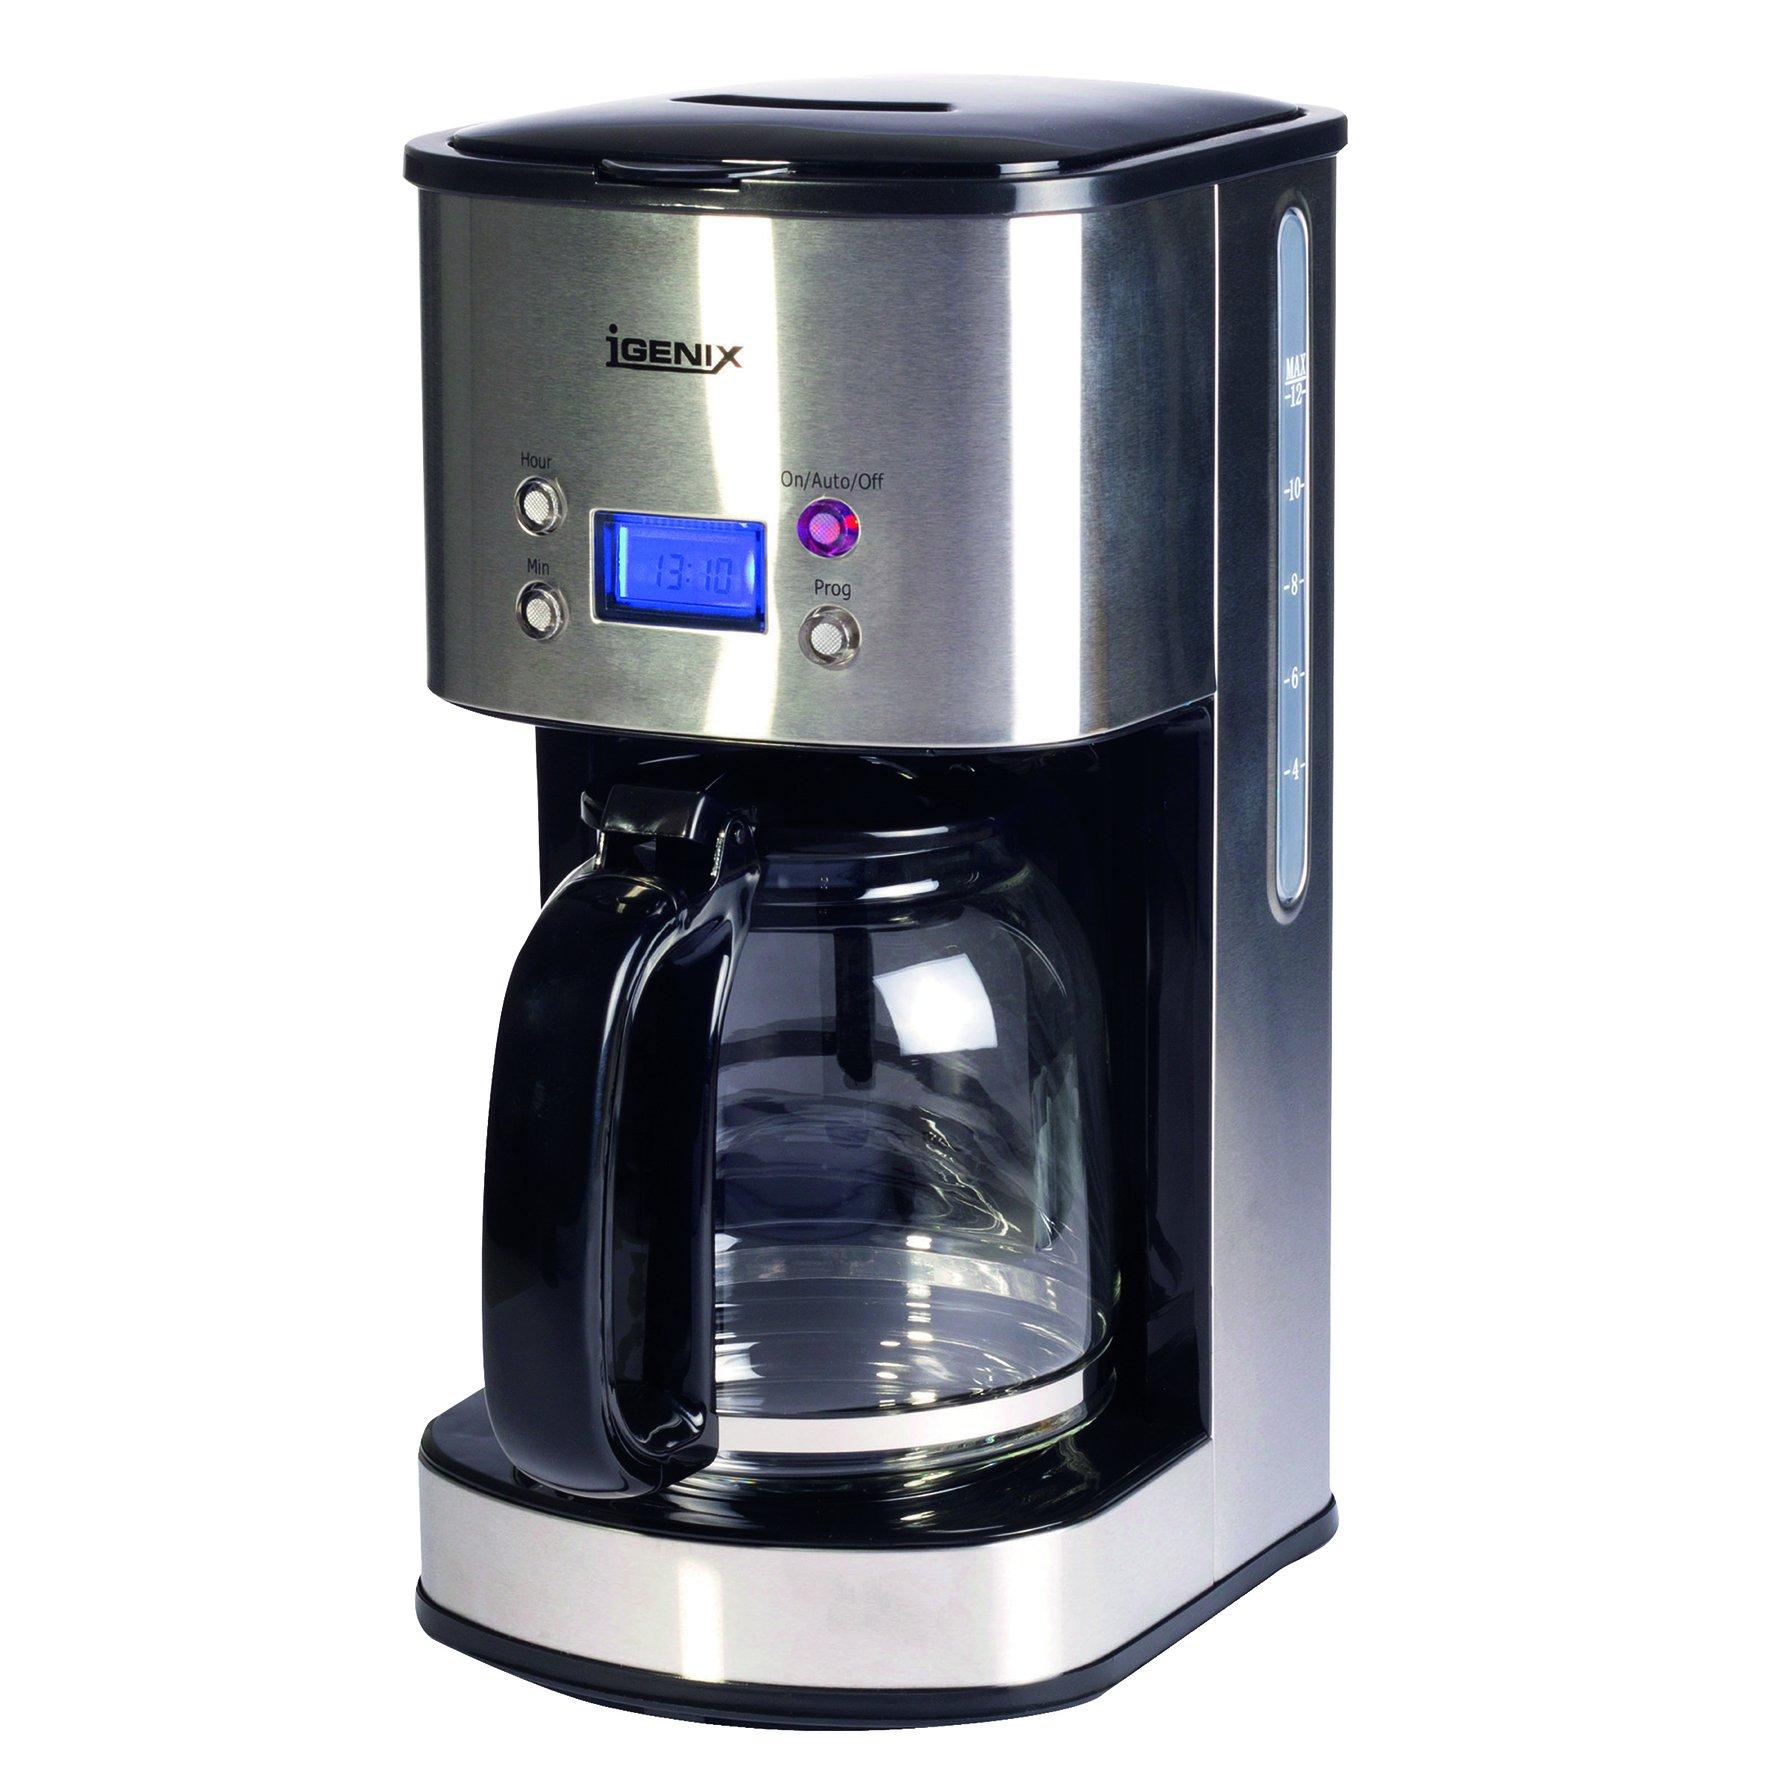 Igenix Digital Coffee Maker IG8250